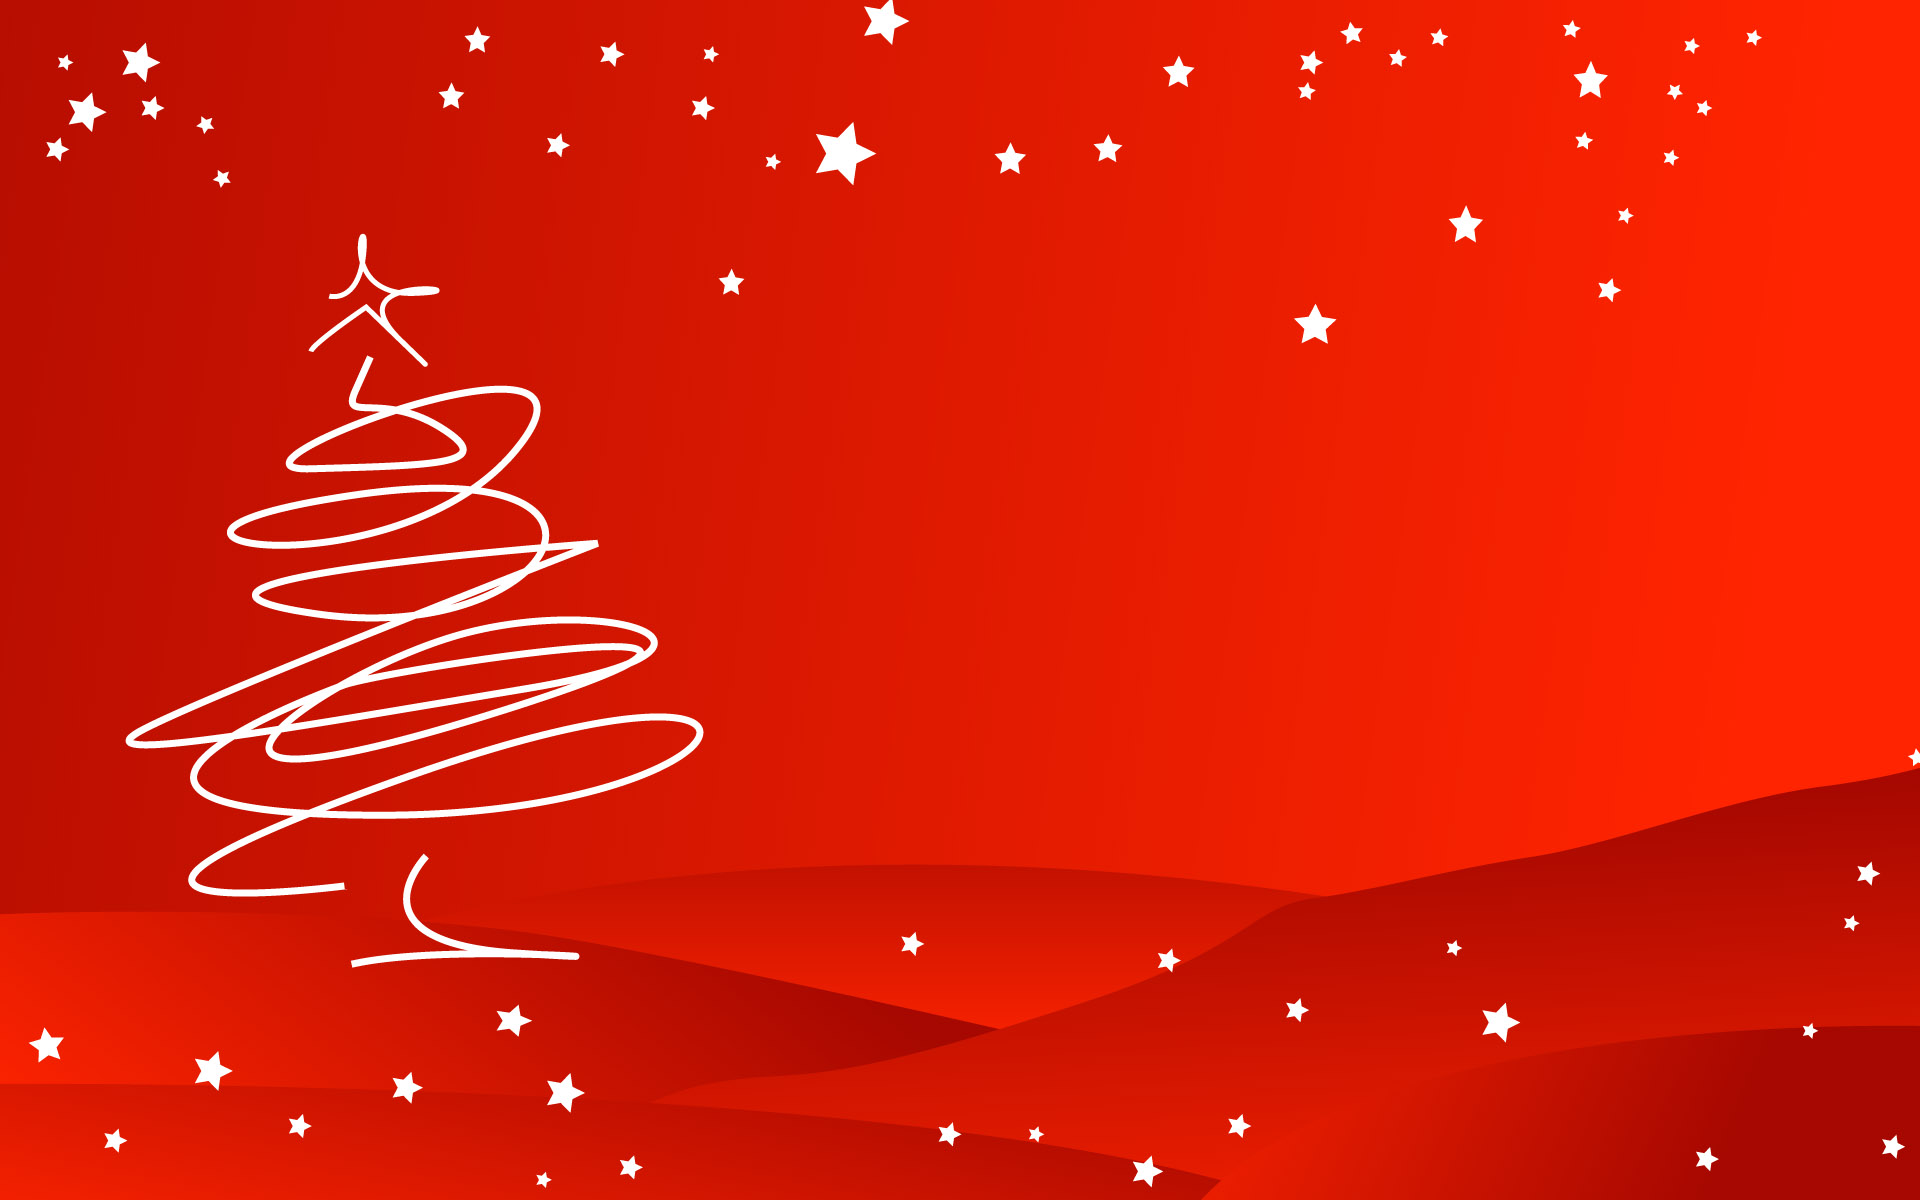 Fondo rojo con arbol de navidad - 1920x1200